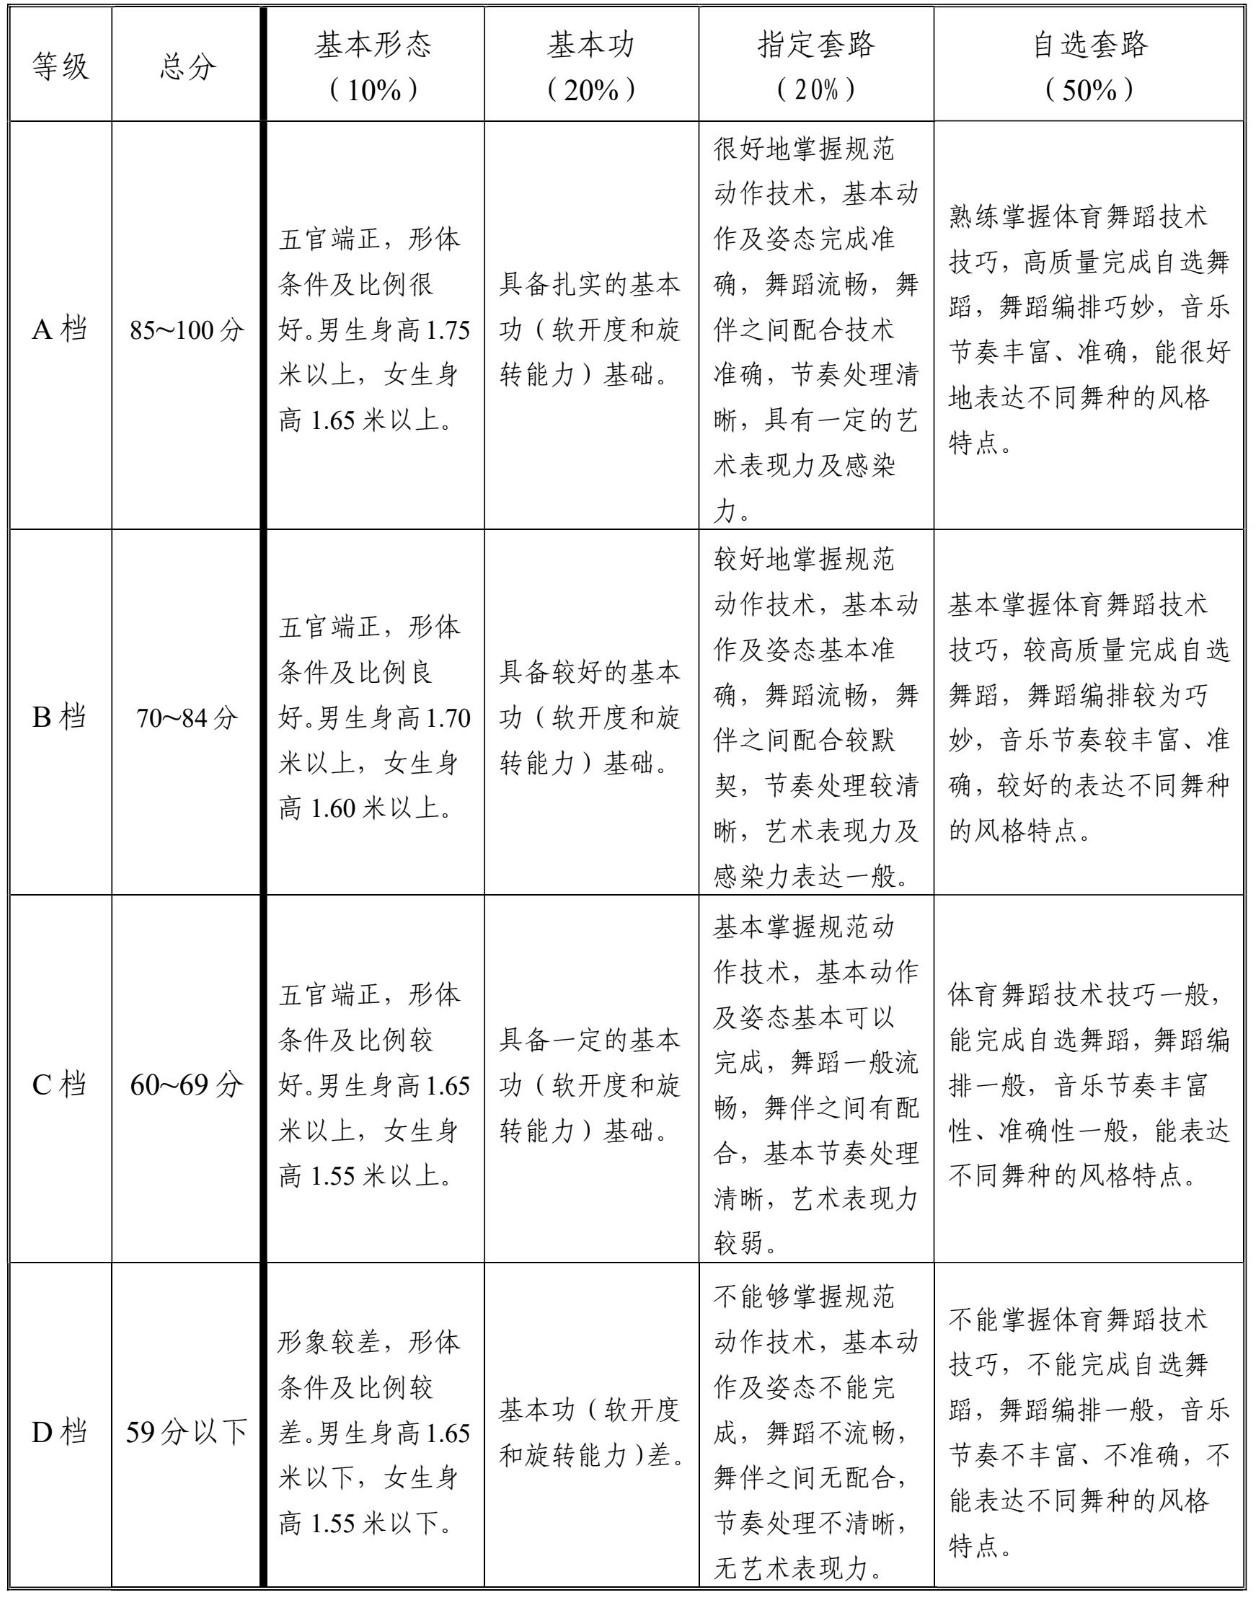 最新!这12个省市已公布2022年舞蹈省统考时间及具体考试内容